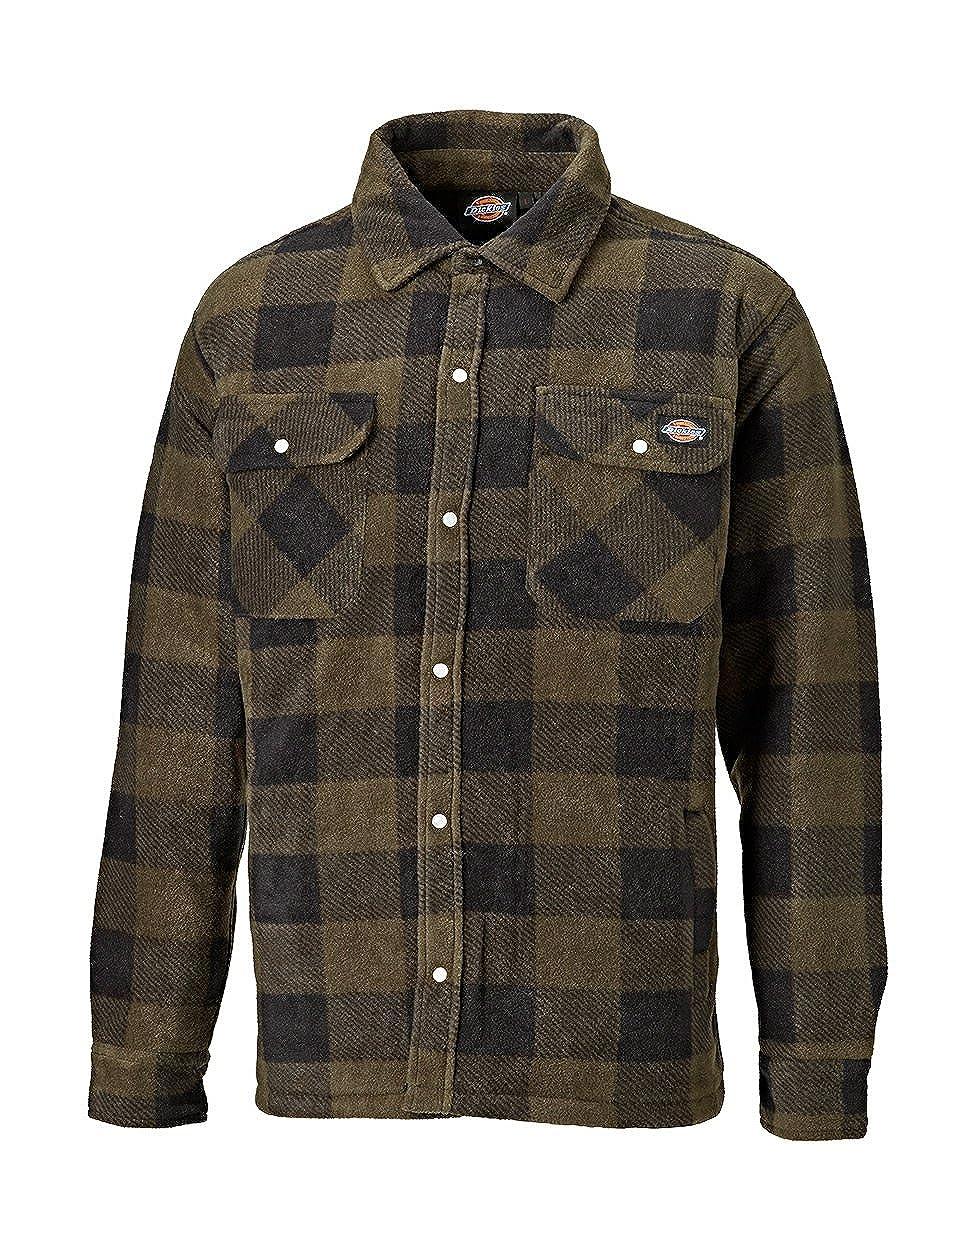 Dickies Shirt Portland Hemd Khaki-M SH5000